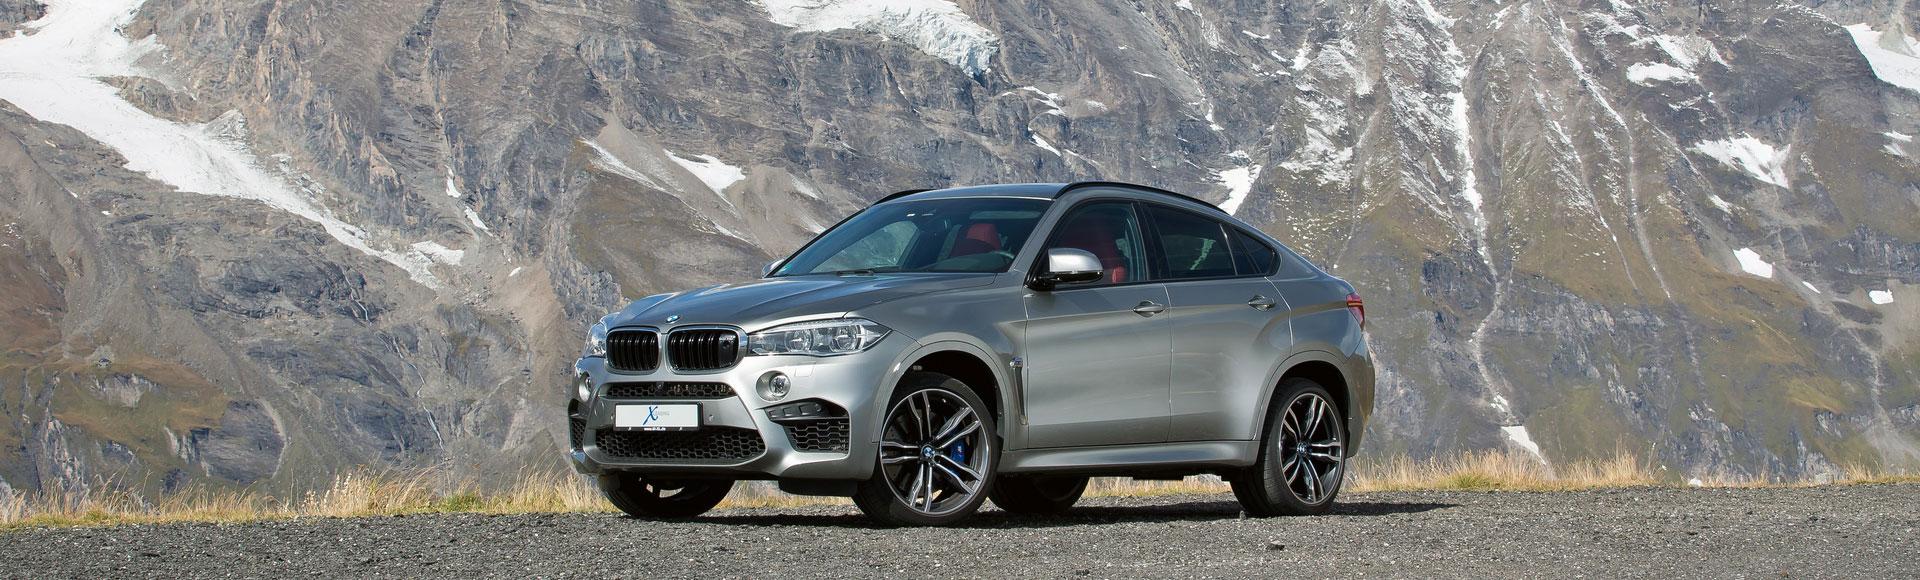 BMW X6 M 2015 Herbst 109